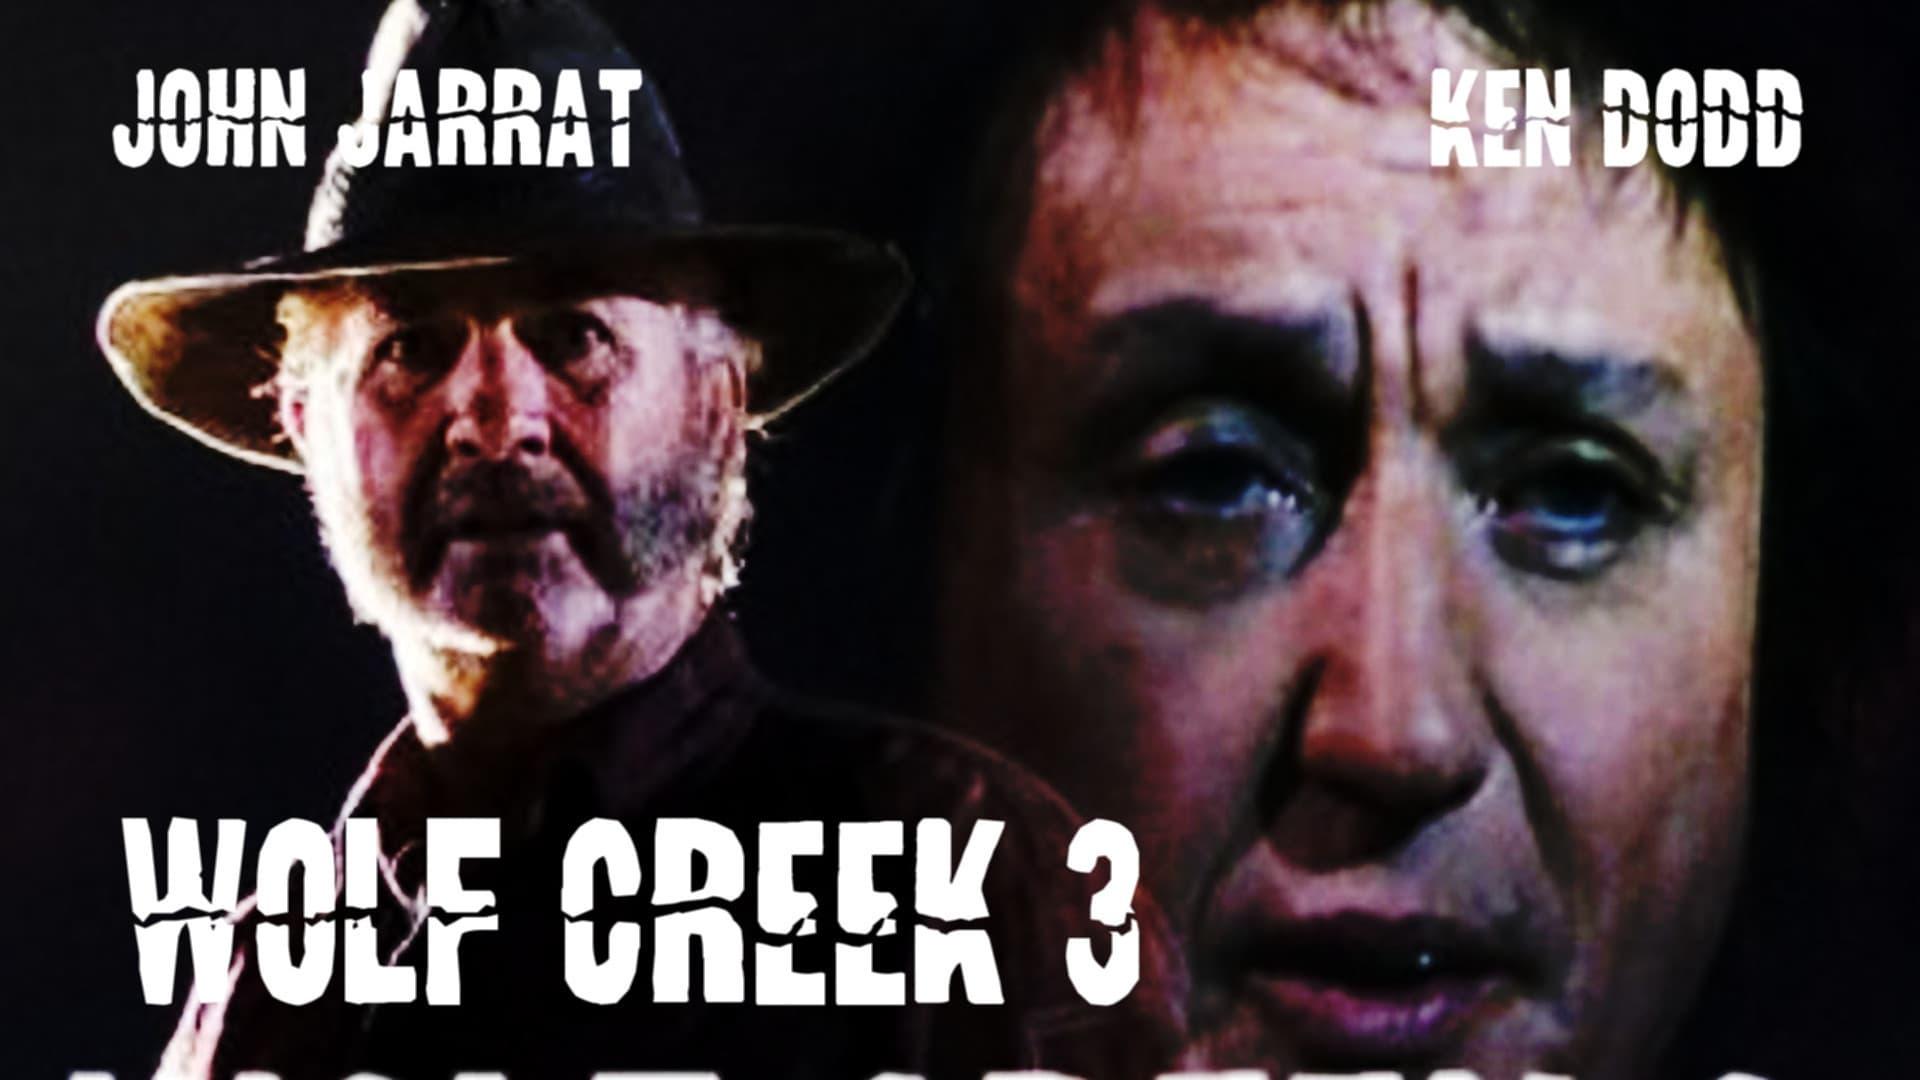 wolf creek 3 2019 watch free primewire movies online